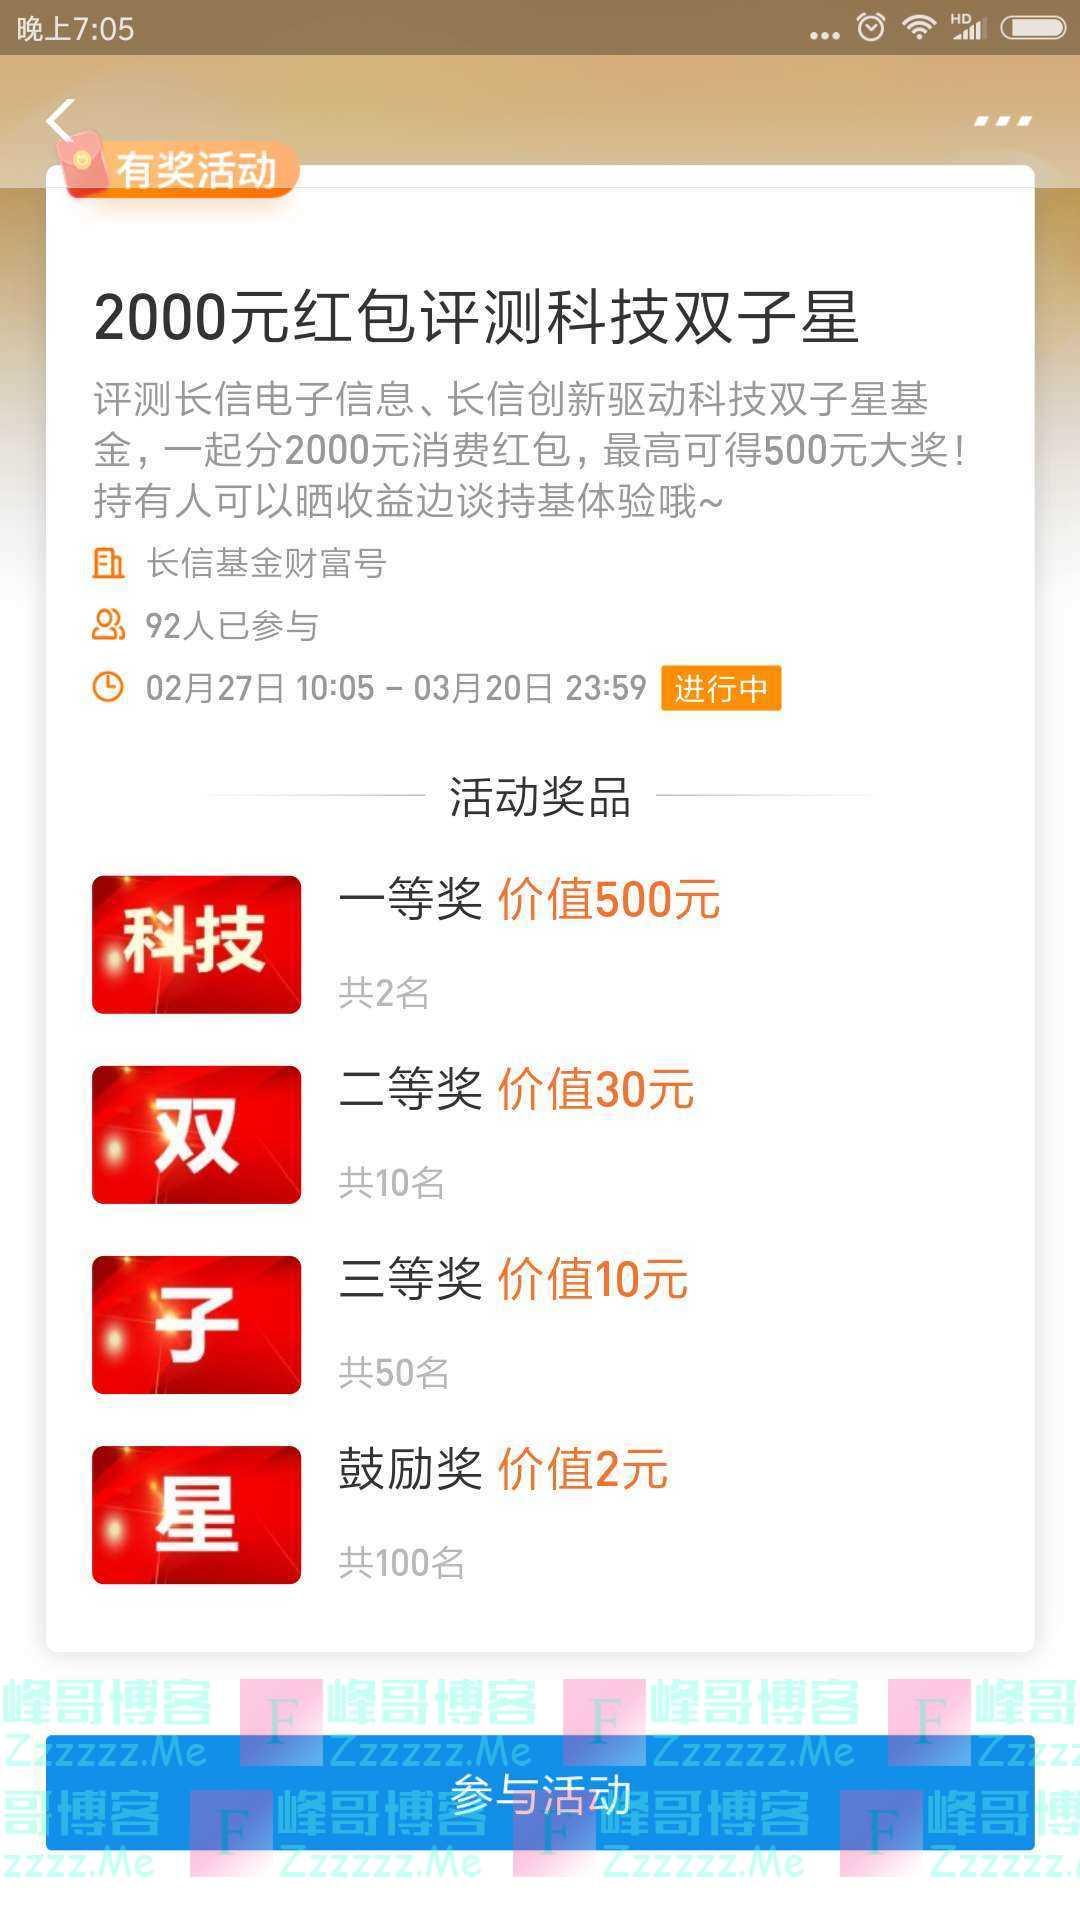 长信基金2000元红包评测科技双子星(截止3月20日)